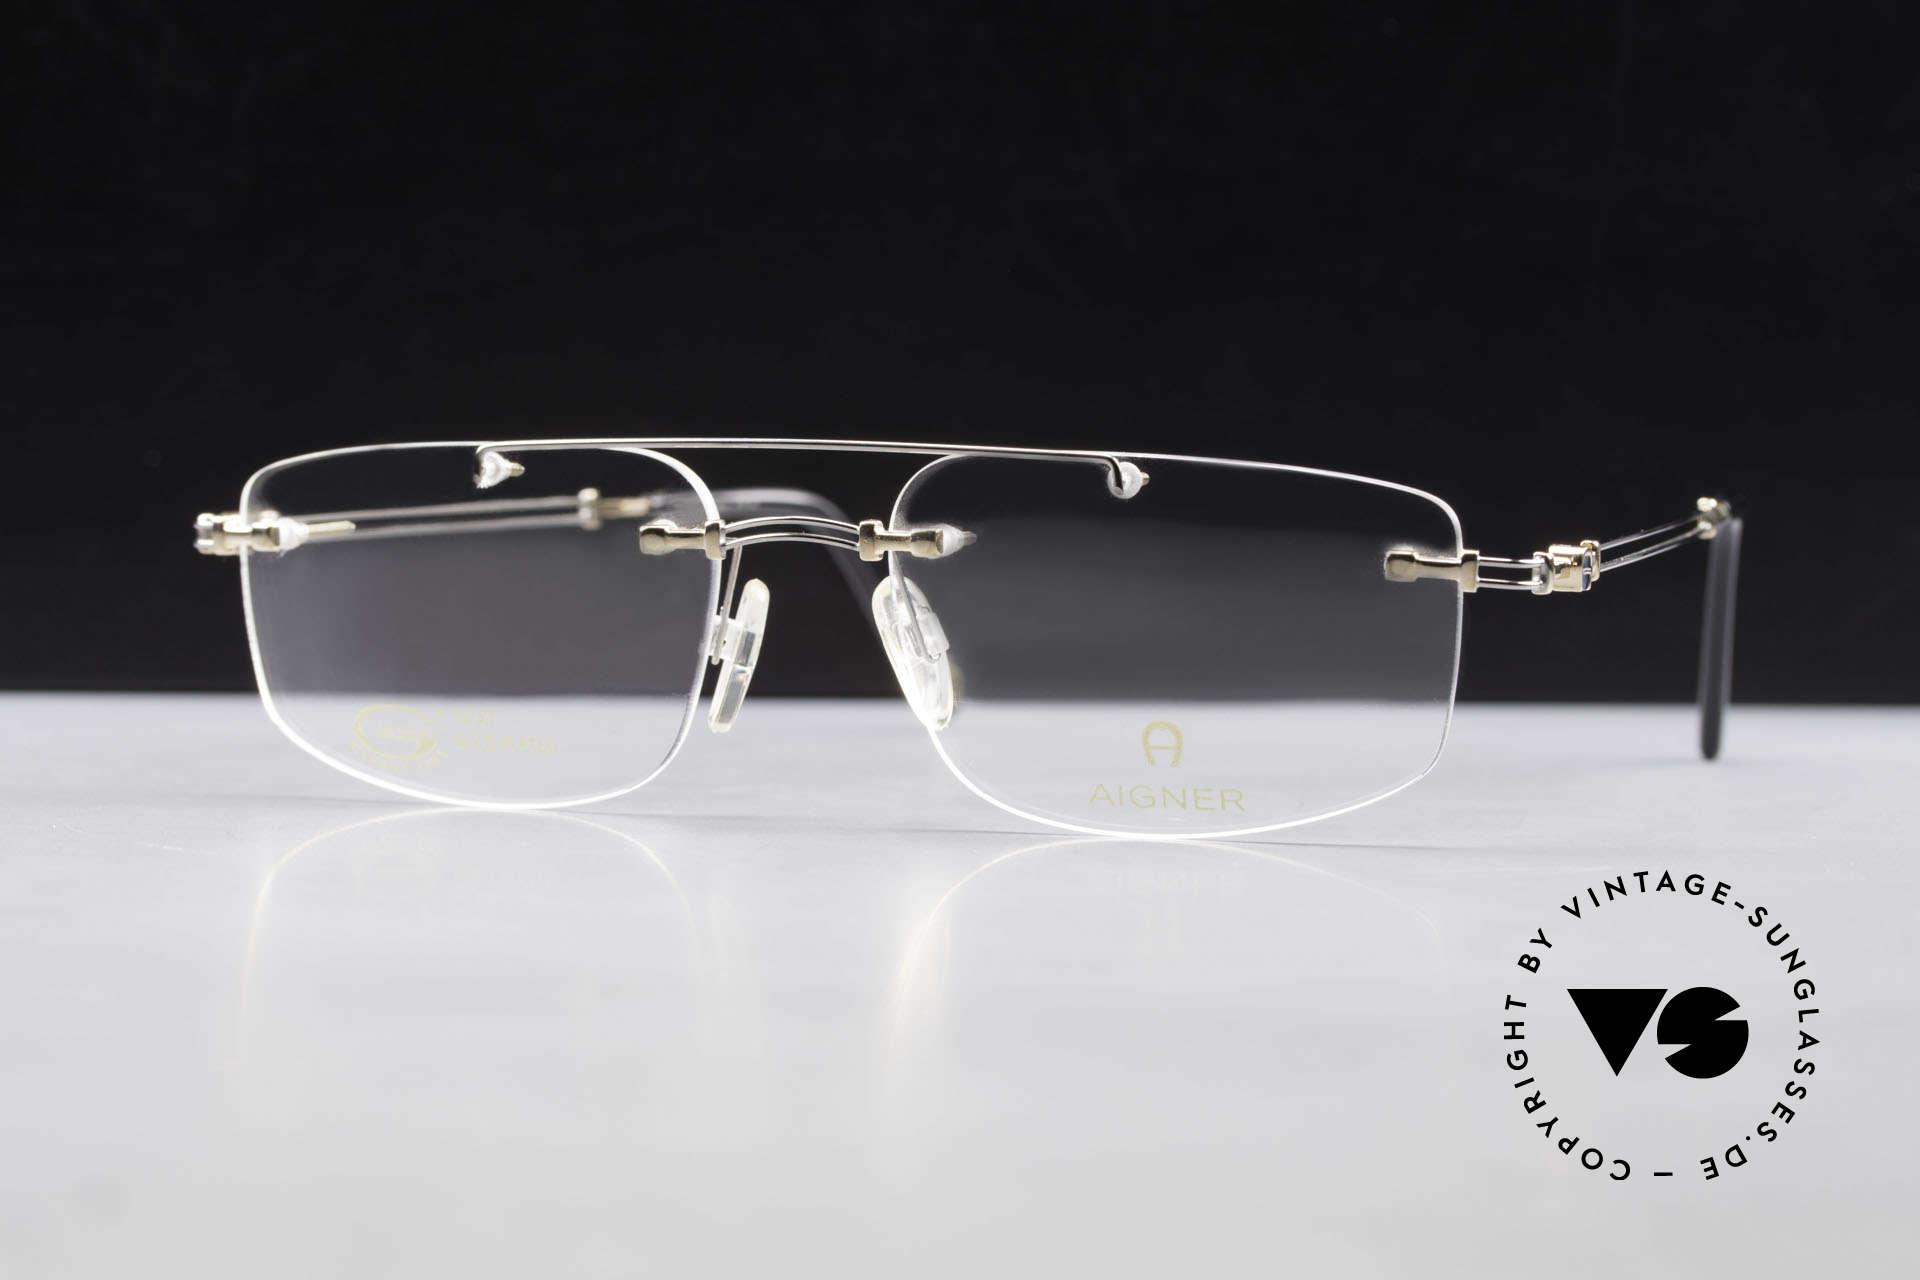 Aigner EA499 Randlose Vintage Brille Herren, Größe: large, Passend für Herren